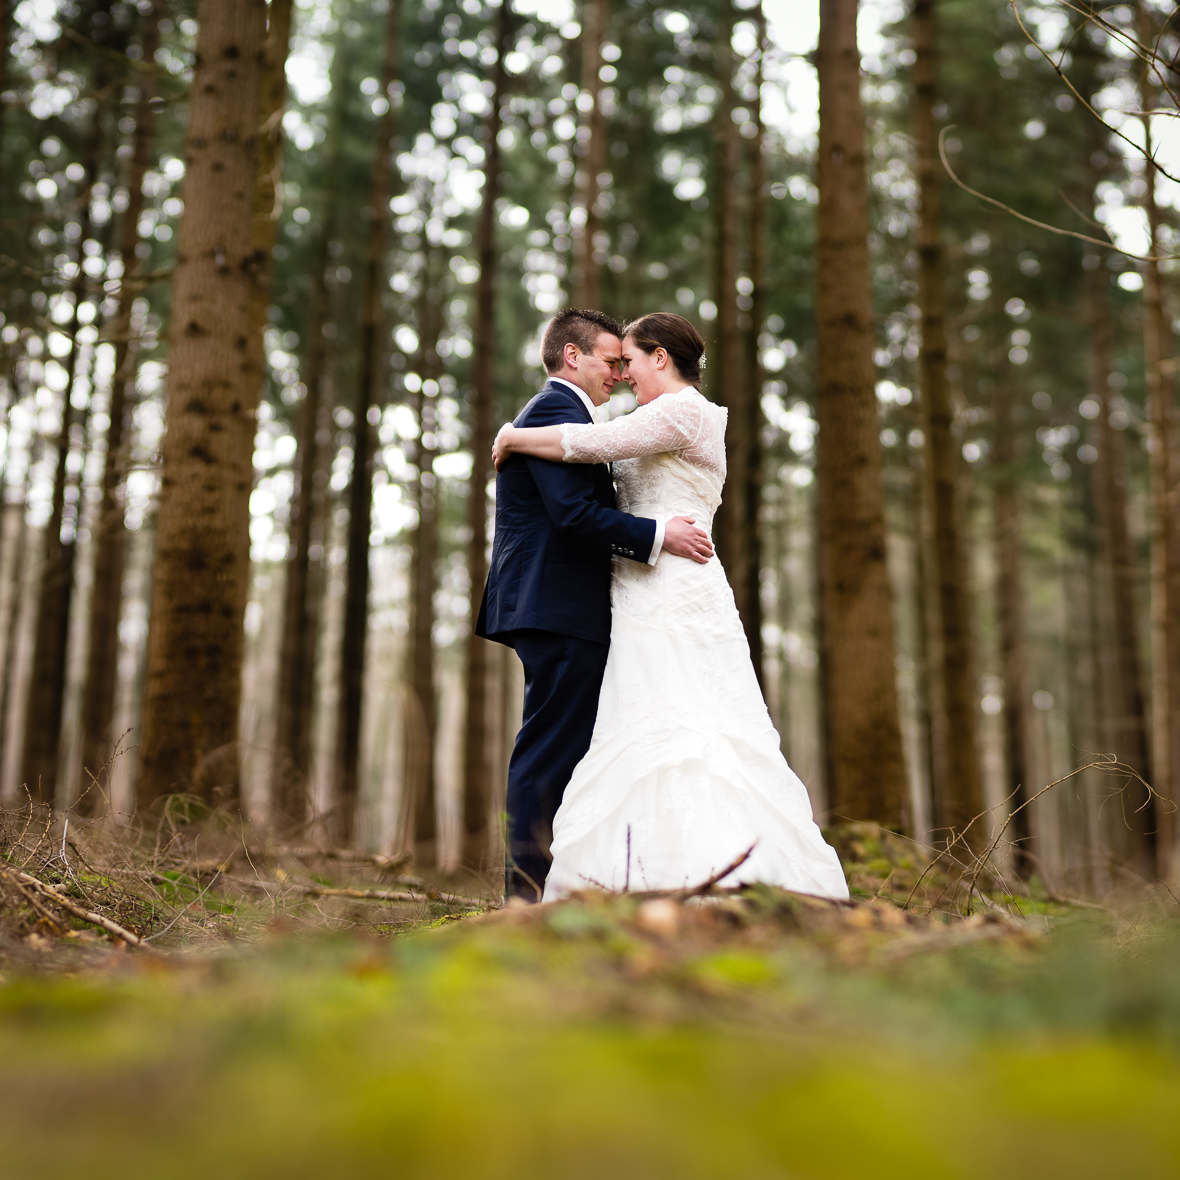 bruiloft fotograaf Veenendaal-13